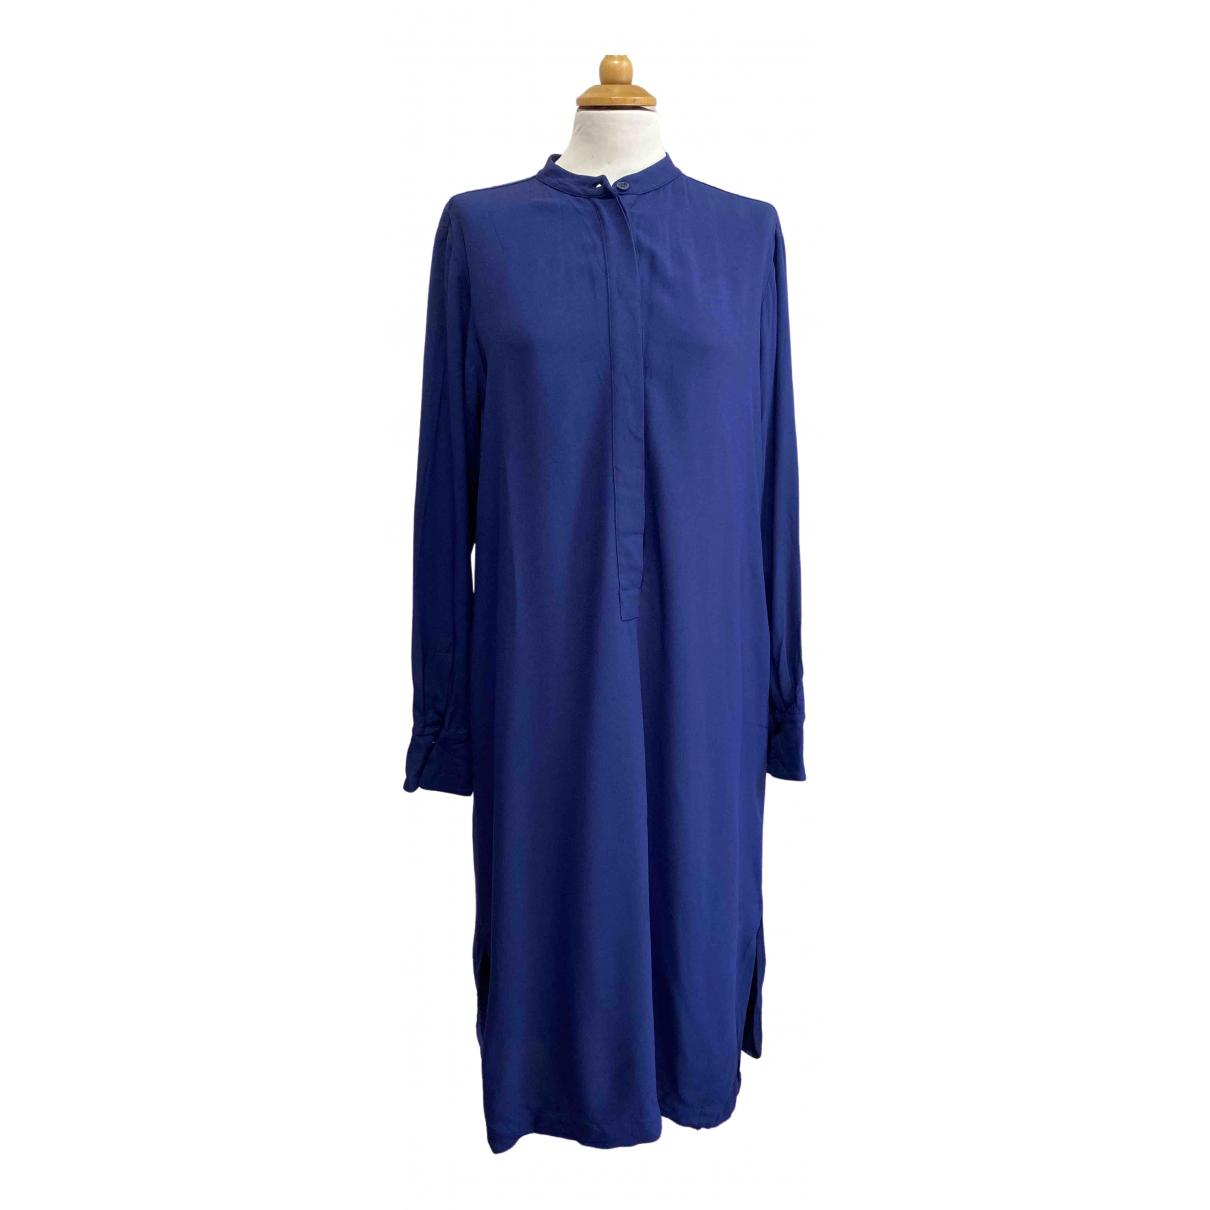 Max Mara Weekend \N Kleid in  Blau Synthetik